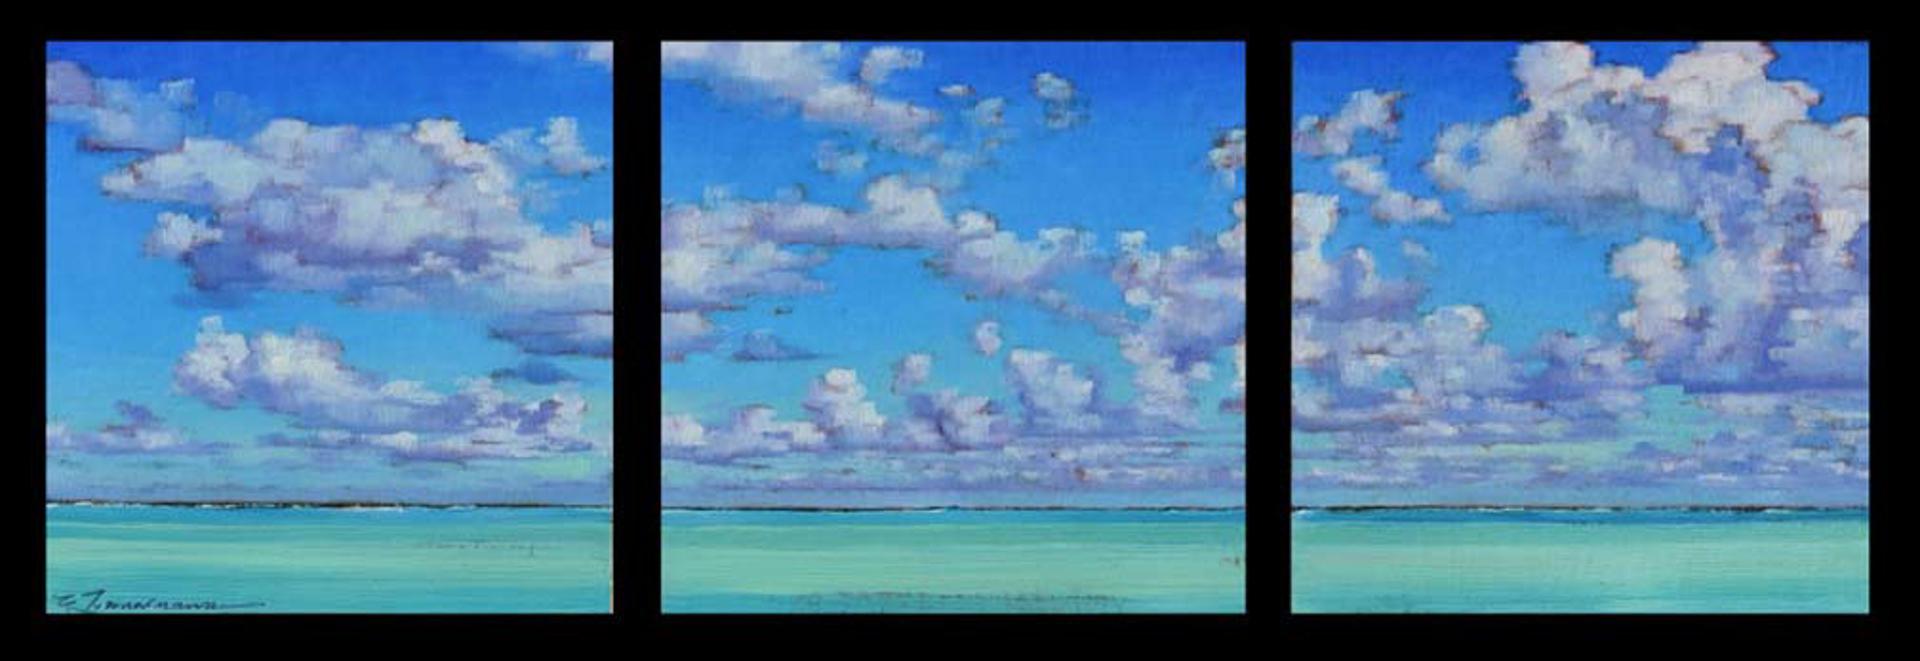 Tropical Cloud Sky (T) by Caroline Zimmermann